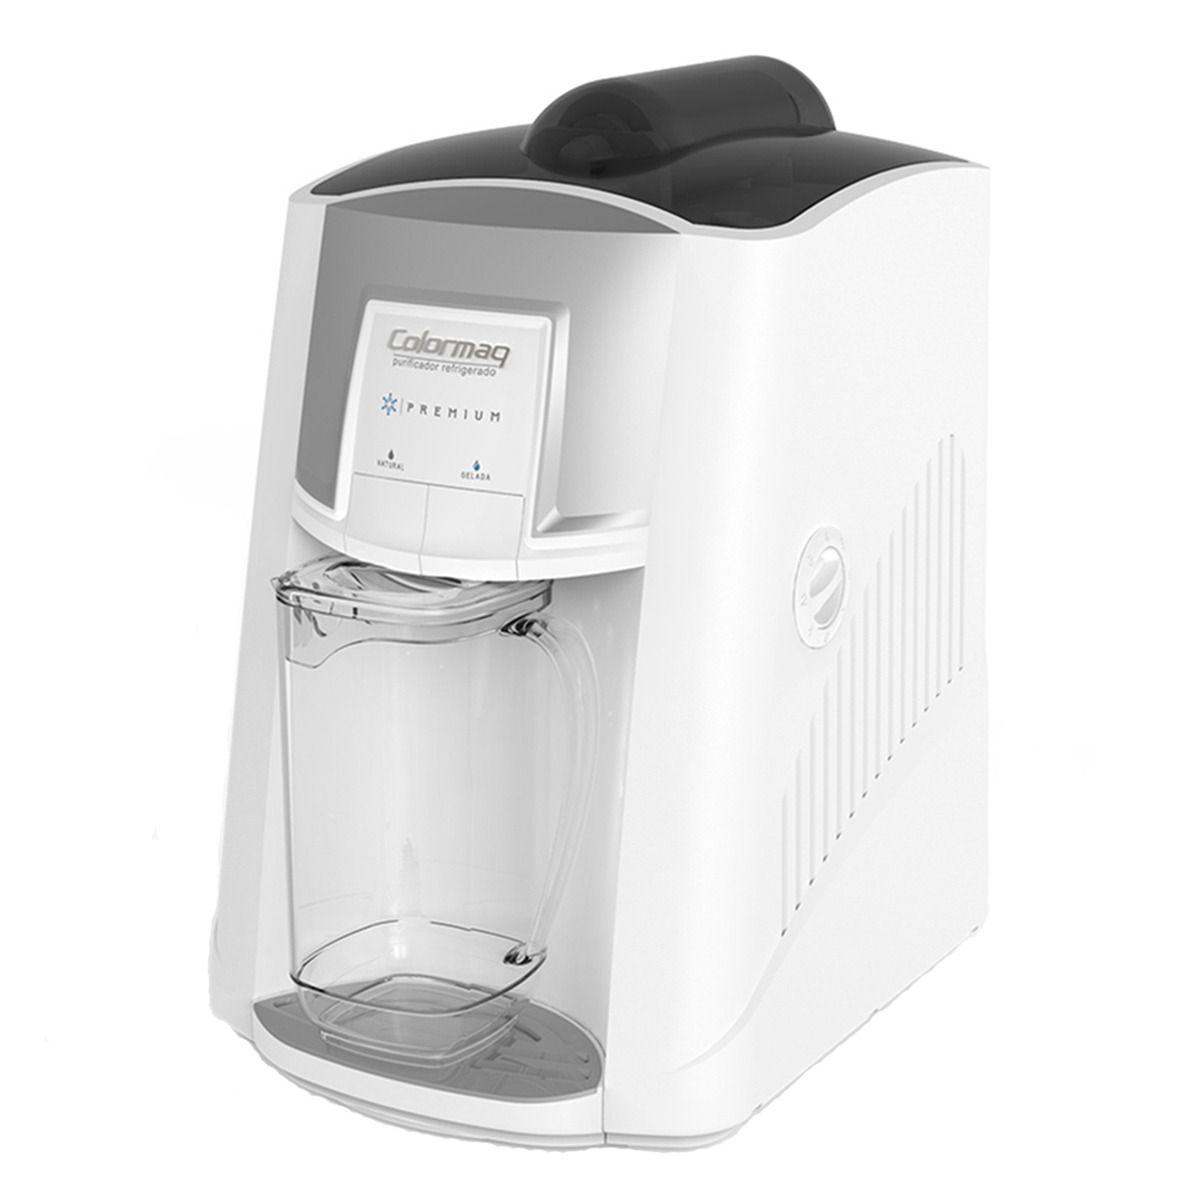 Purificador de Água Gelada Colormaq Premium Branco Compressor + 2 Refis extra